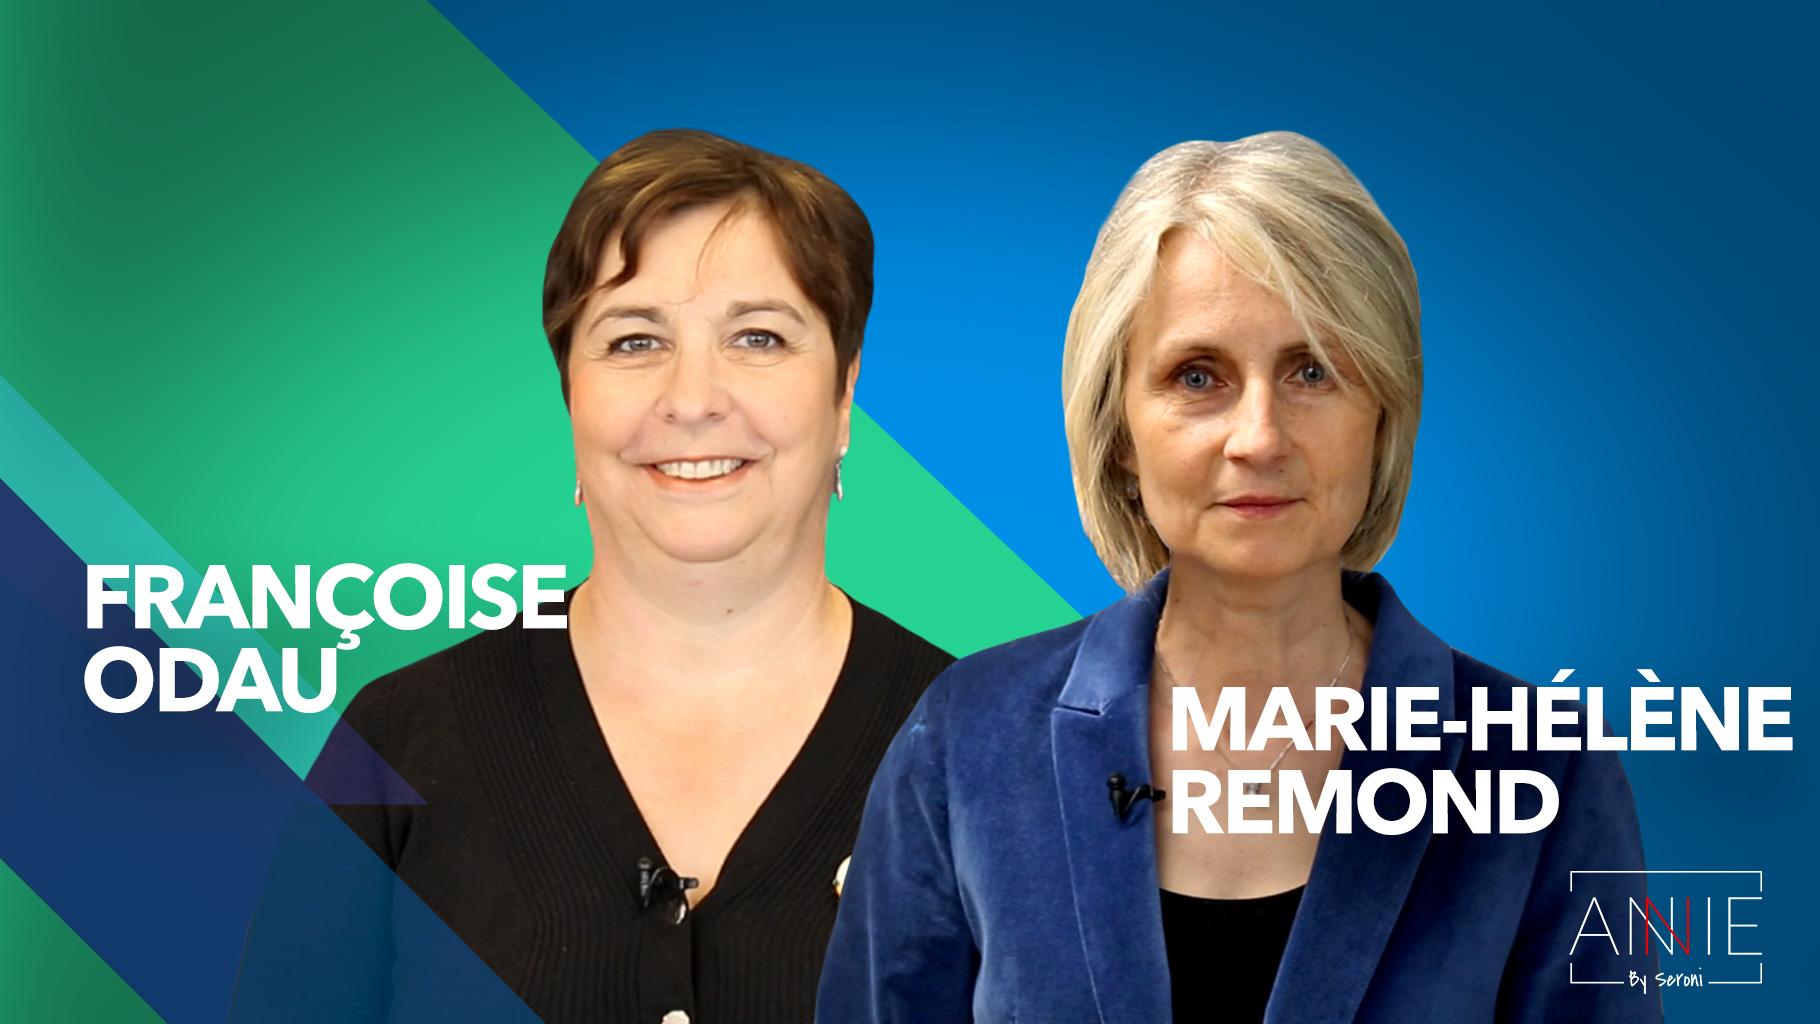 Françoise Odau, Marie-Hélène Remond